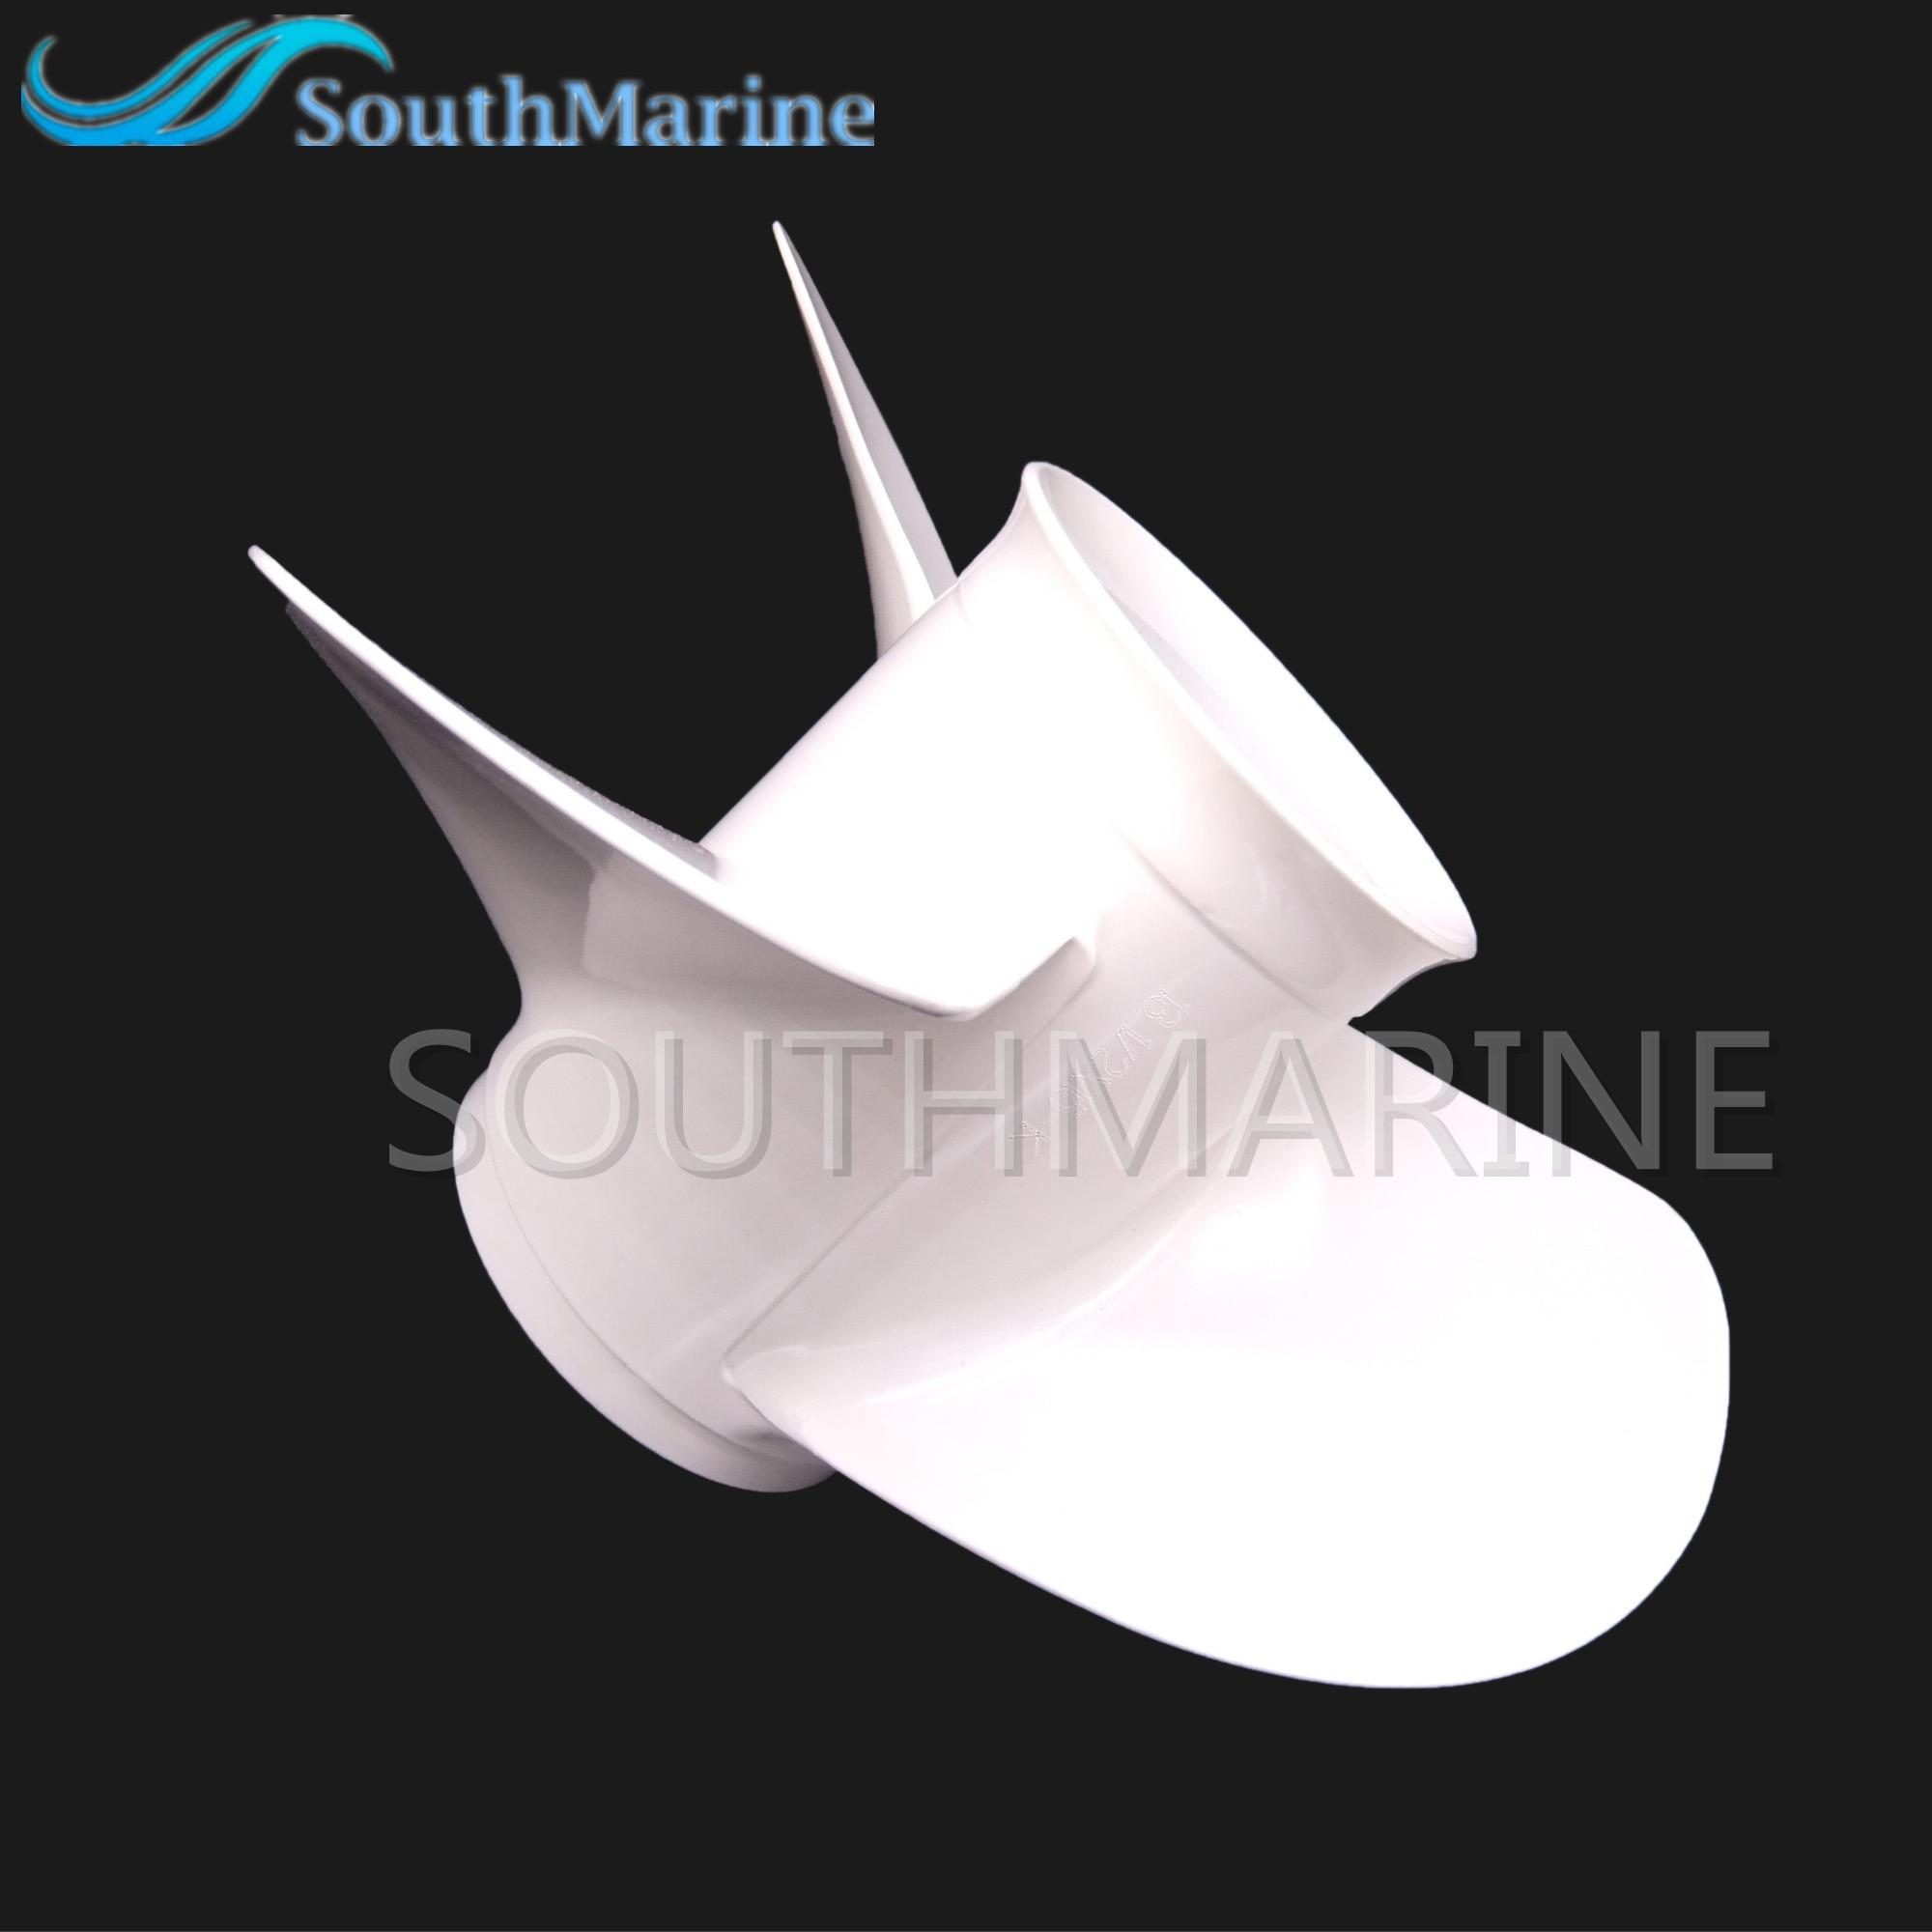 Outboard 6E5-45947-00-EL Boat Motor Aluminum Alloy Propeller 13 1/2x15-K for Yamaha 60HP 70HP 75HP 80HP 85HP 90HP 115HP 130HP